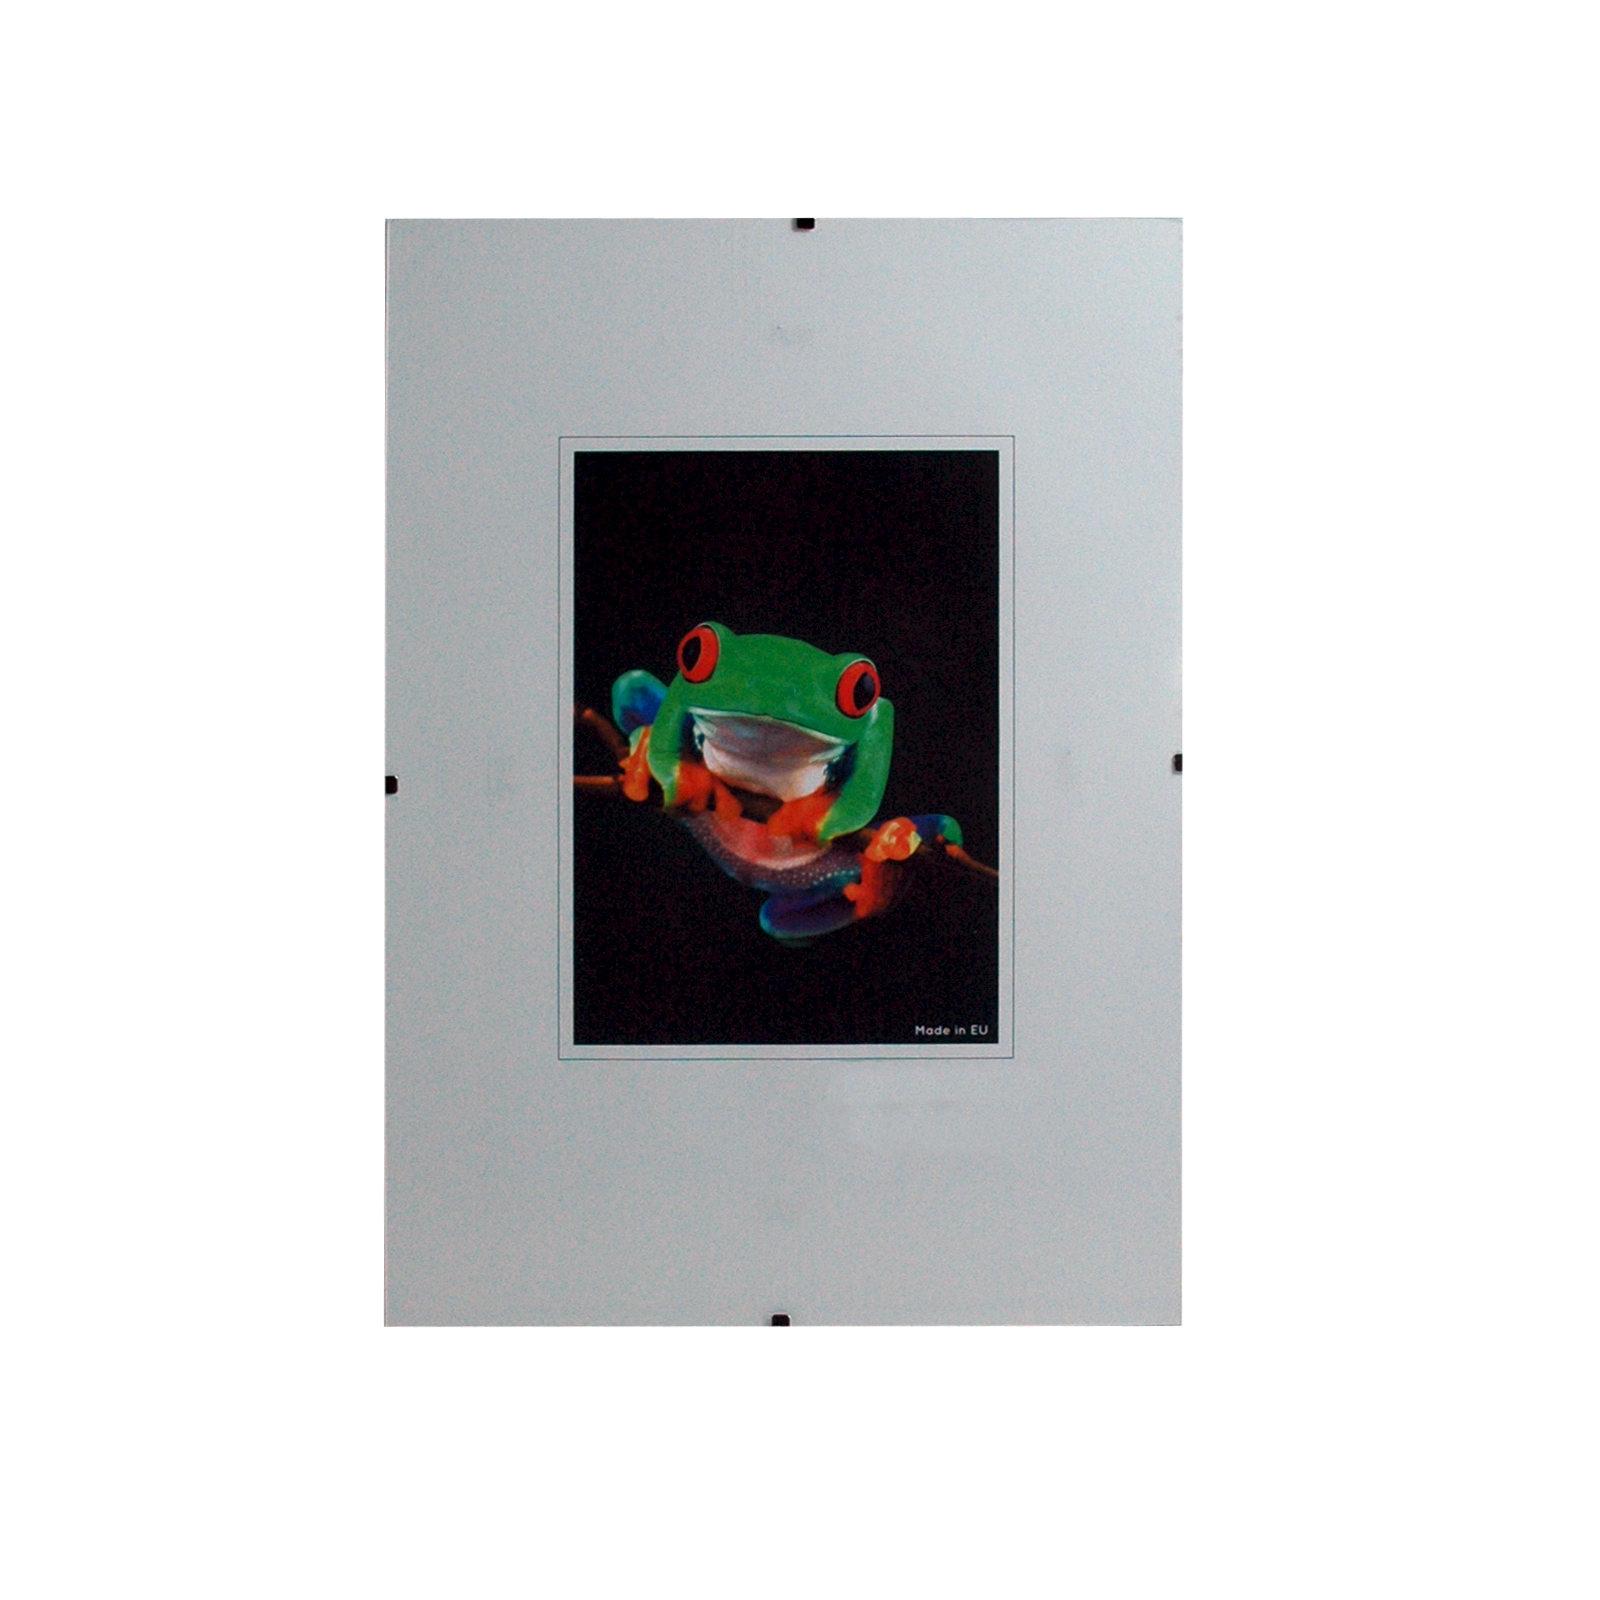 Holder imagen sin marco con el vidrio del arte claro, 1,0 mm de ...